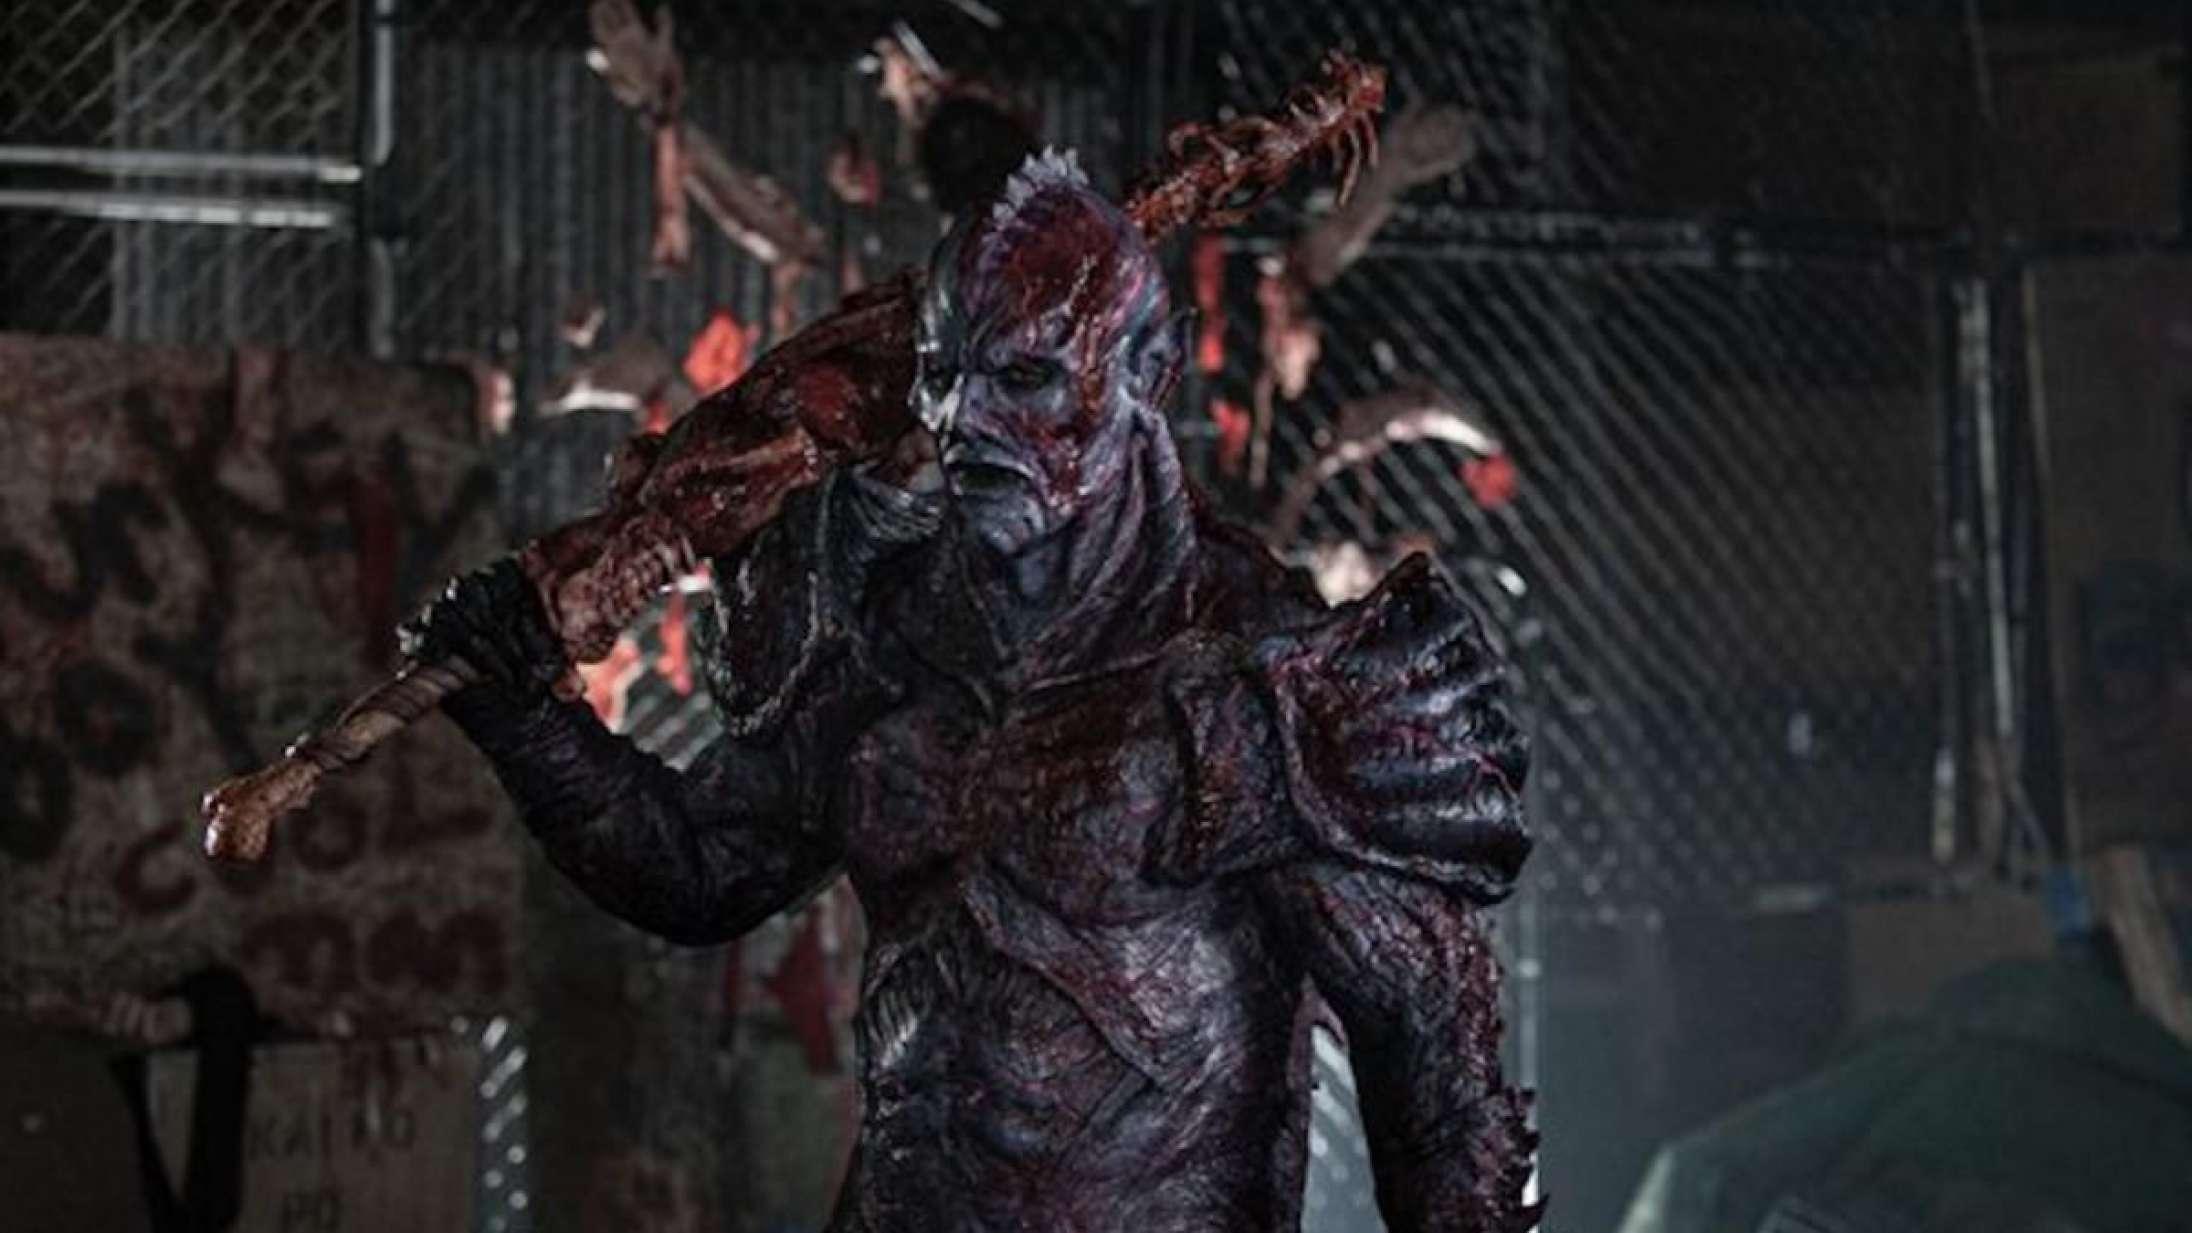 'Psycho Goreman': I blodig feelgood-satire er CGI sidste udvej